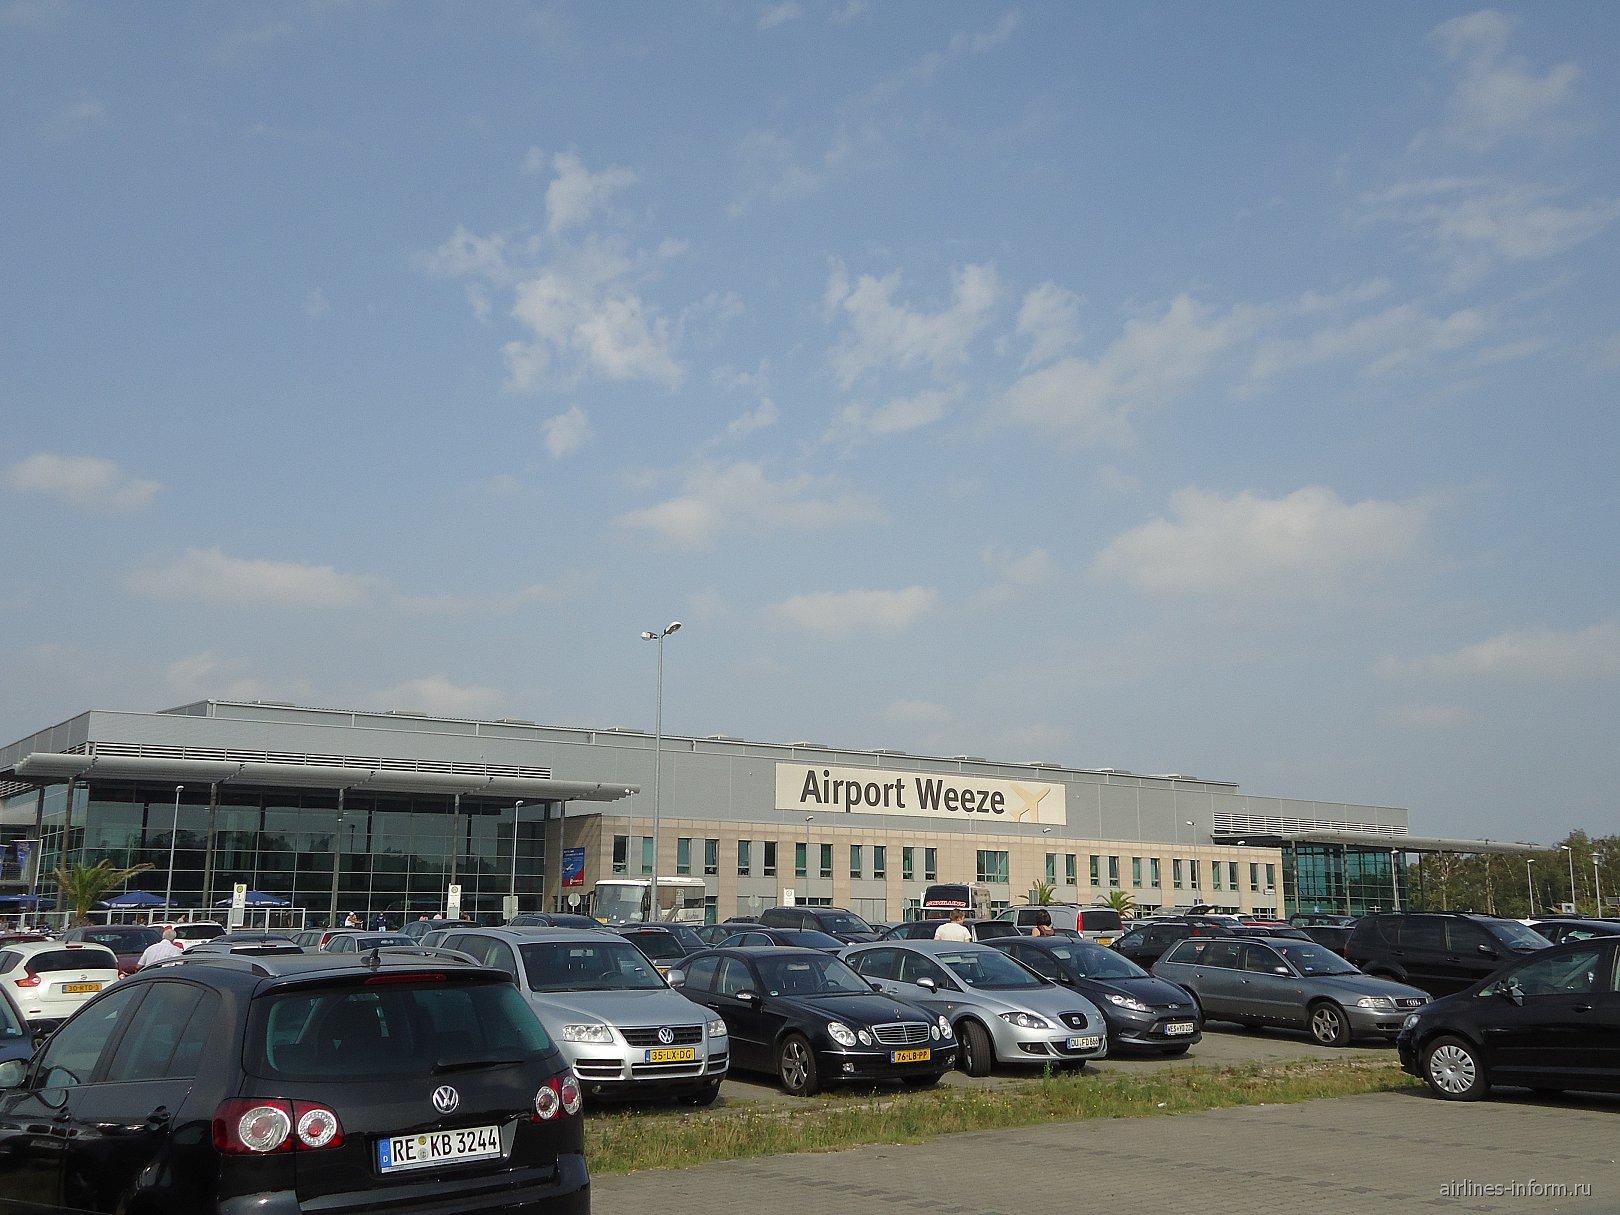 Аэровокзал аэропорта Веезе вблизи Дюссельдорфа